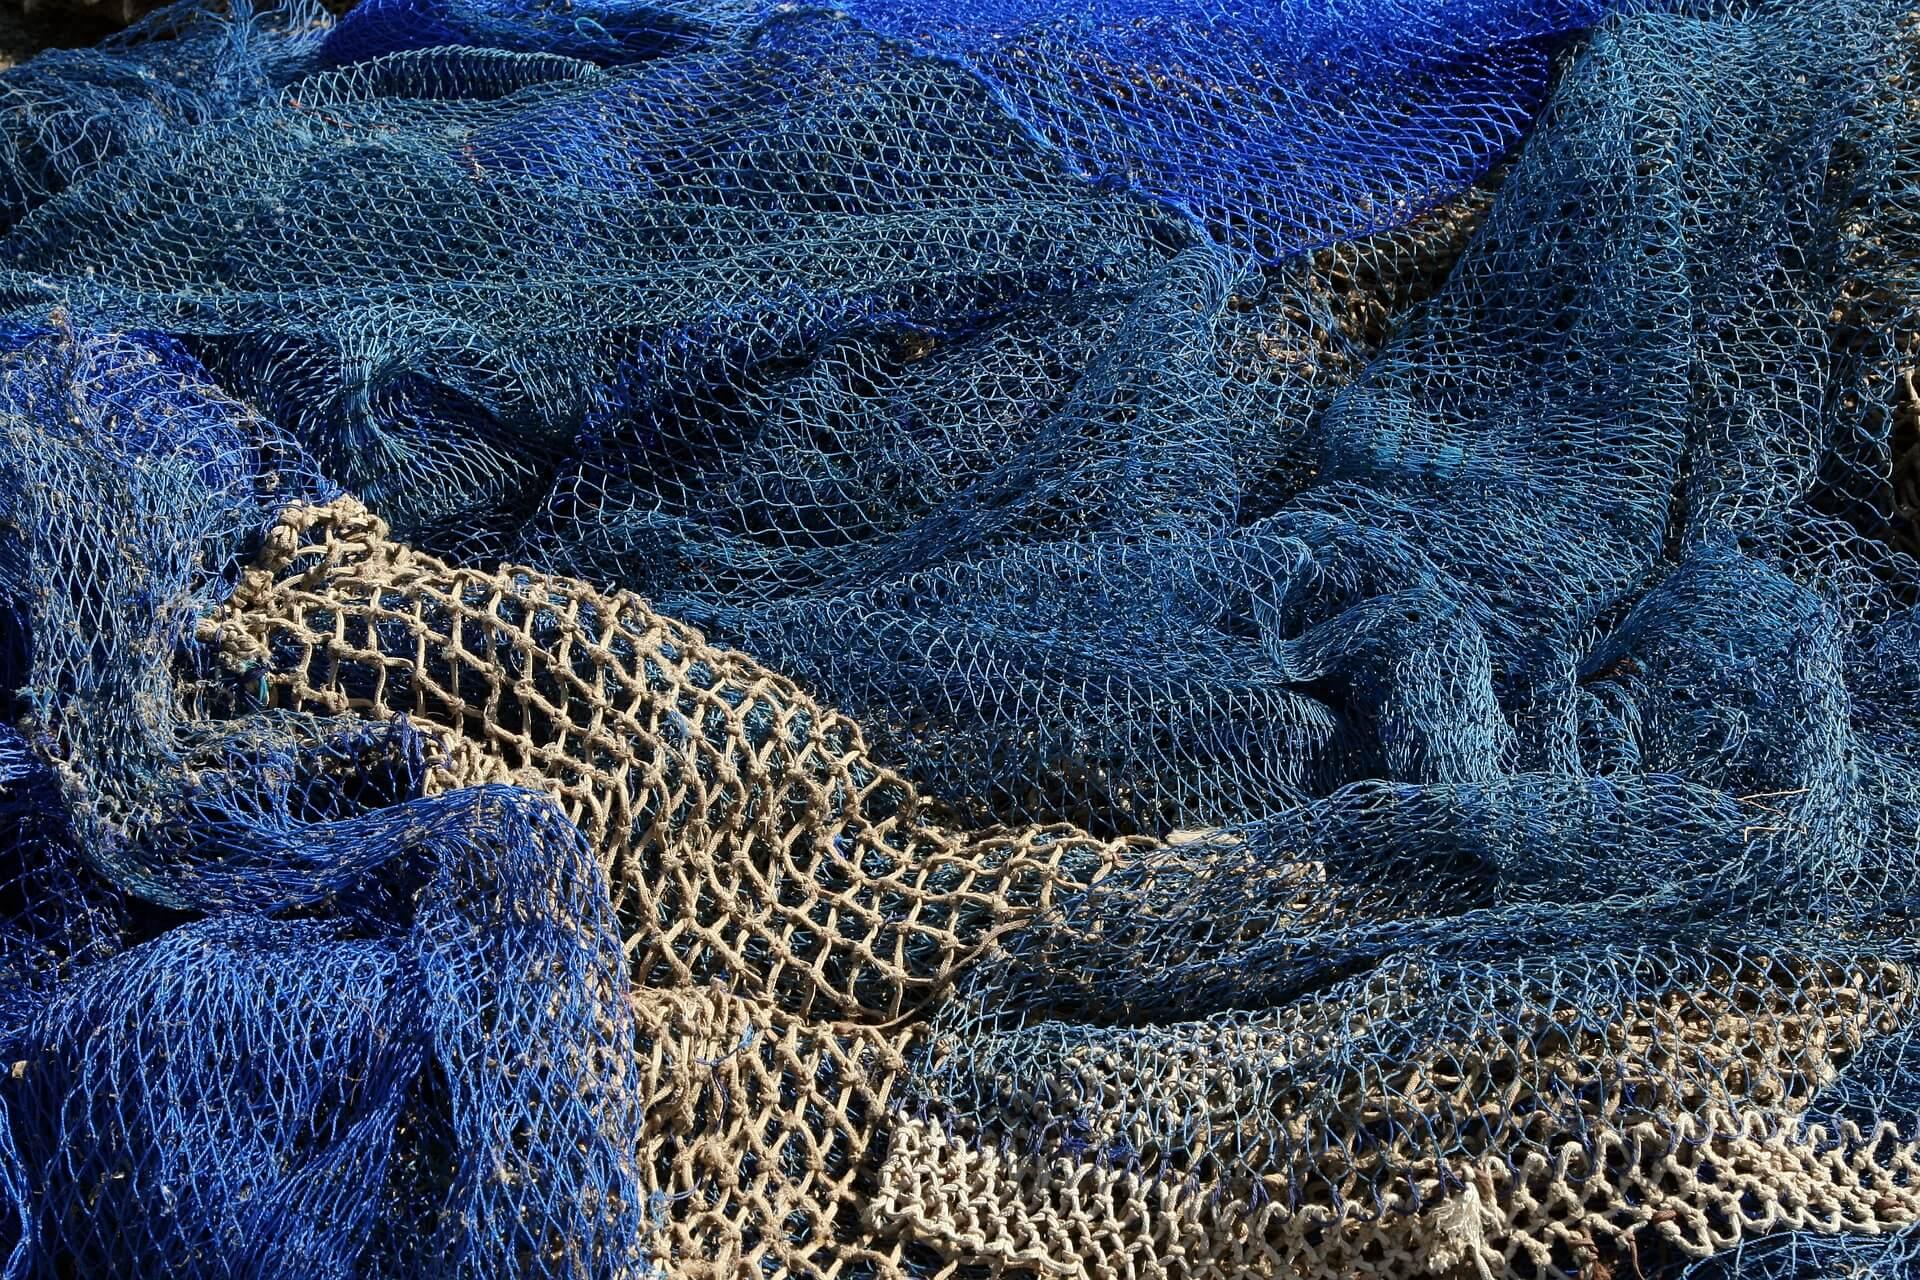 Koji su održivi načini lovljenja ribe, čemu vode neodrživi načini te koliko u svijetu ima jednog a koliko drugog?